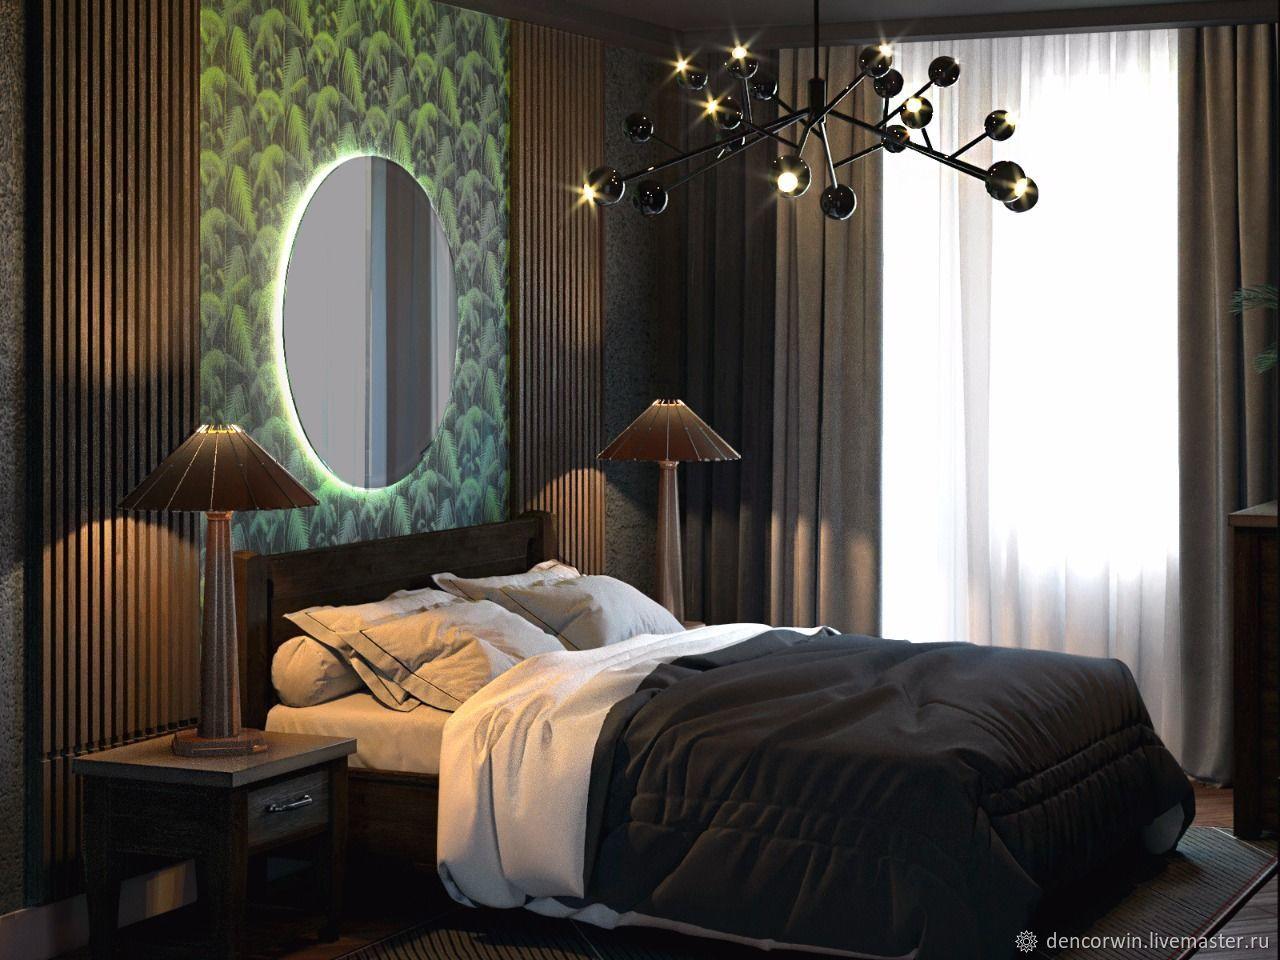 Панель из реек. Панели деревянные. Декоративные панели из дерева, Абстракция, Москва, Фото №1